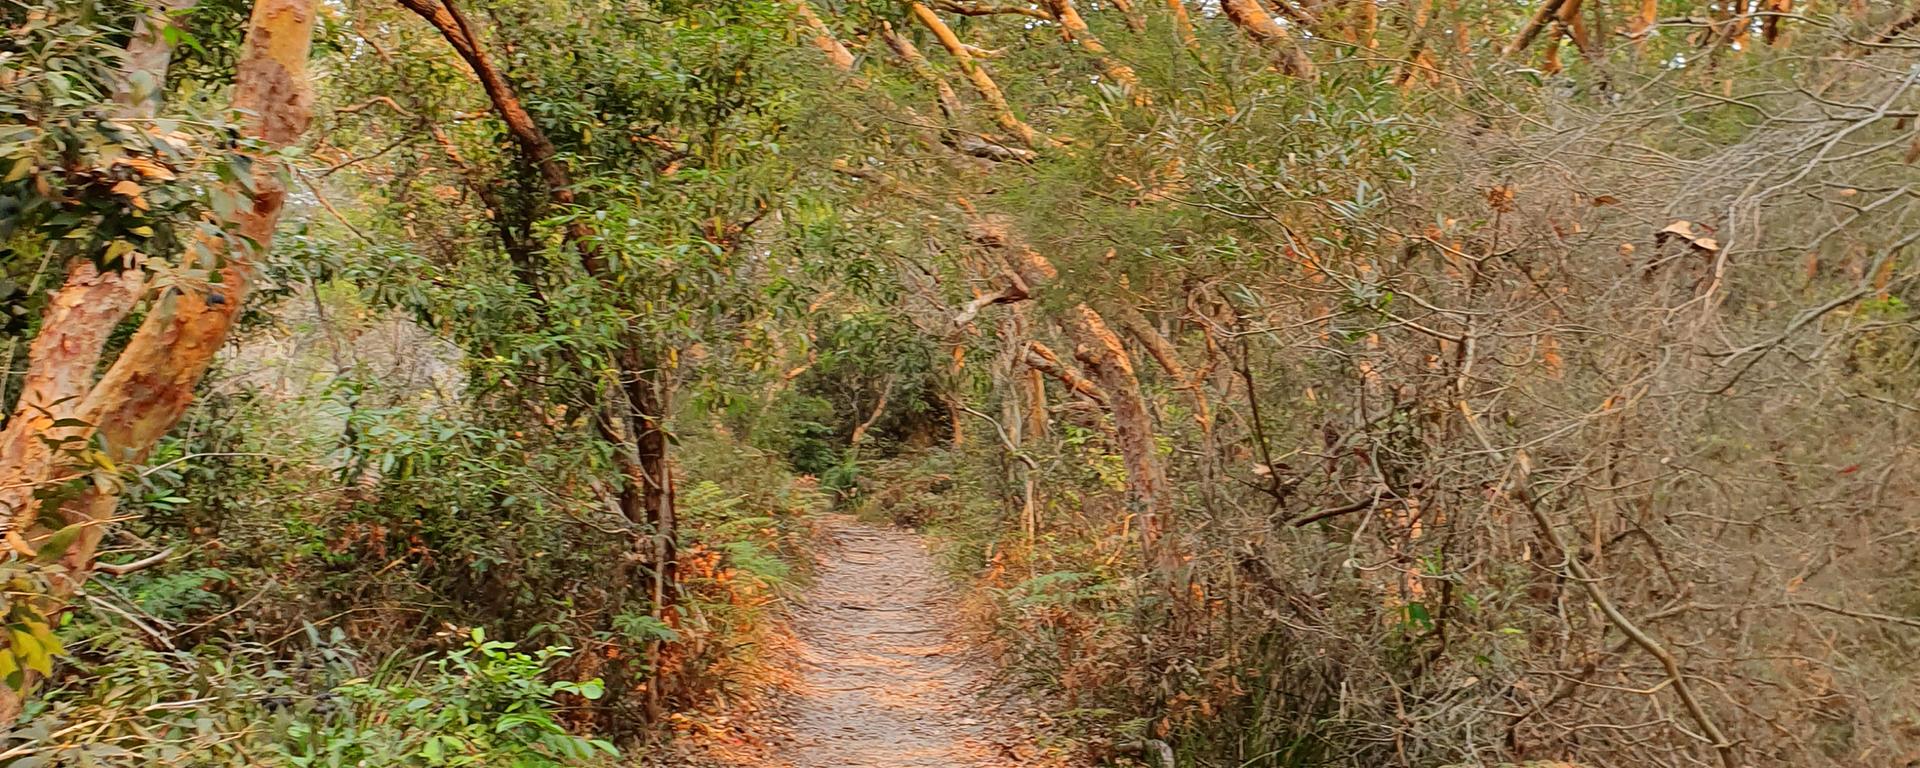 Path in the bush, in La Perouse,Sydney